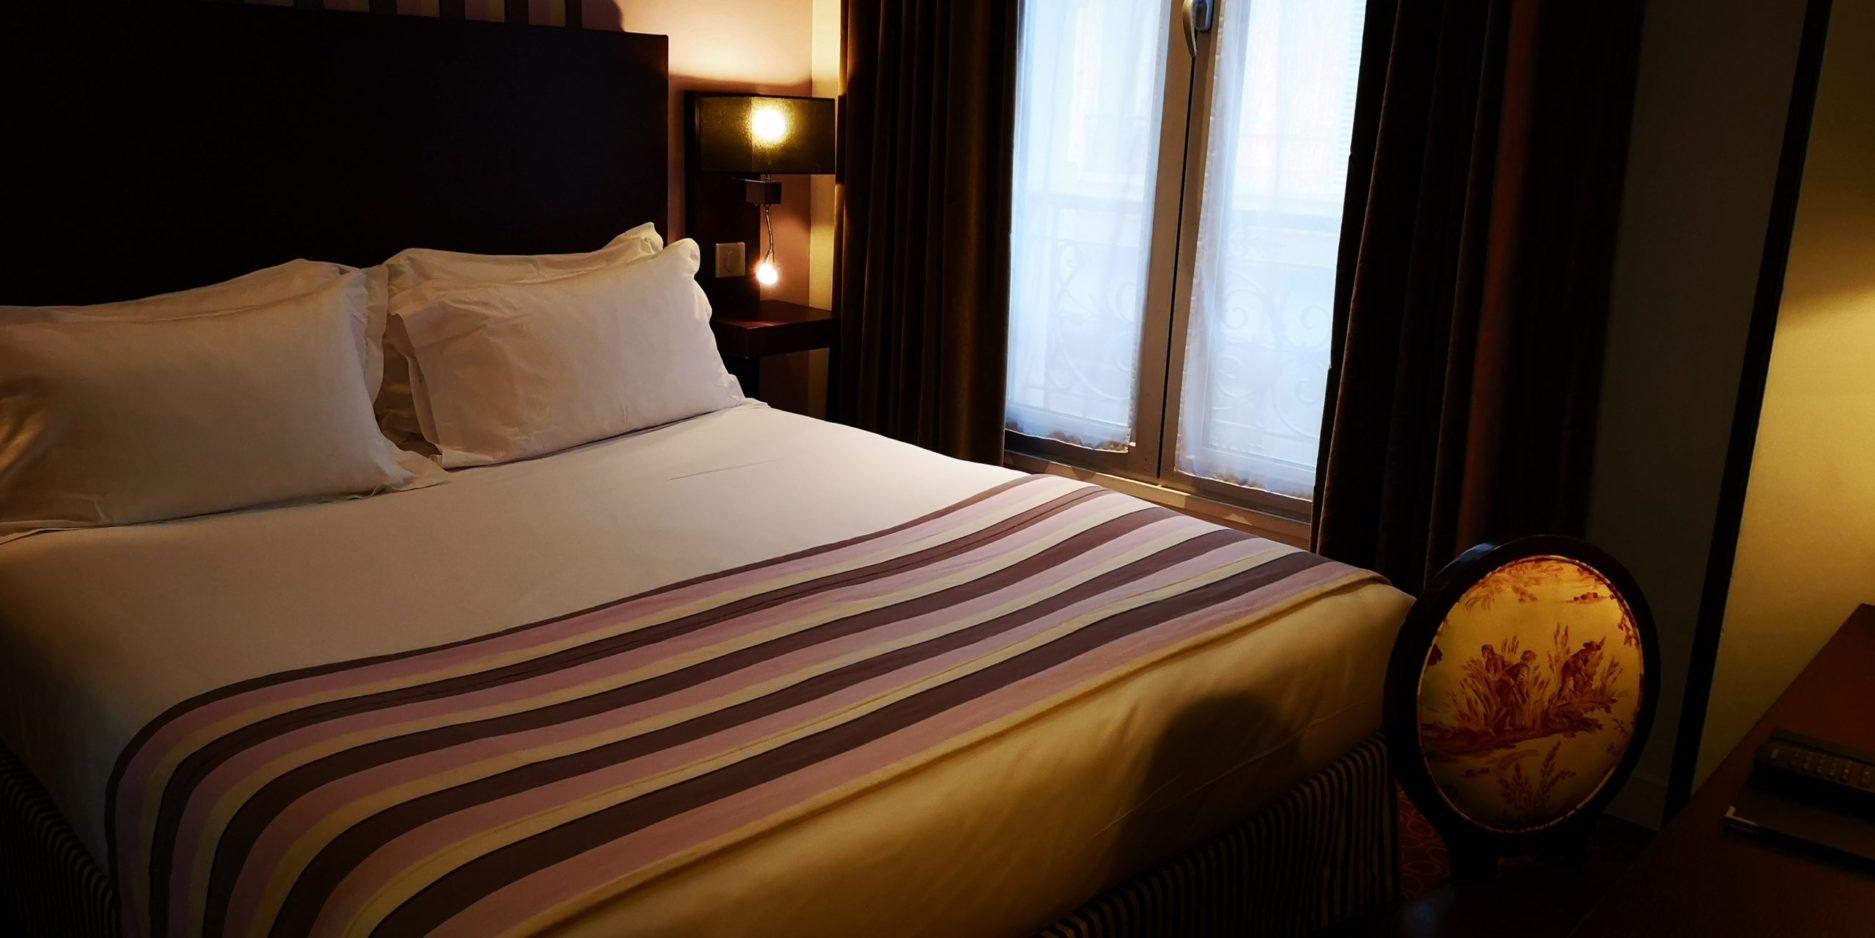 chambre double classique parme - hôtel star champs-élysées